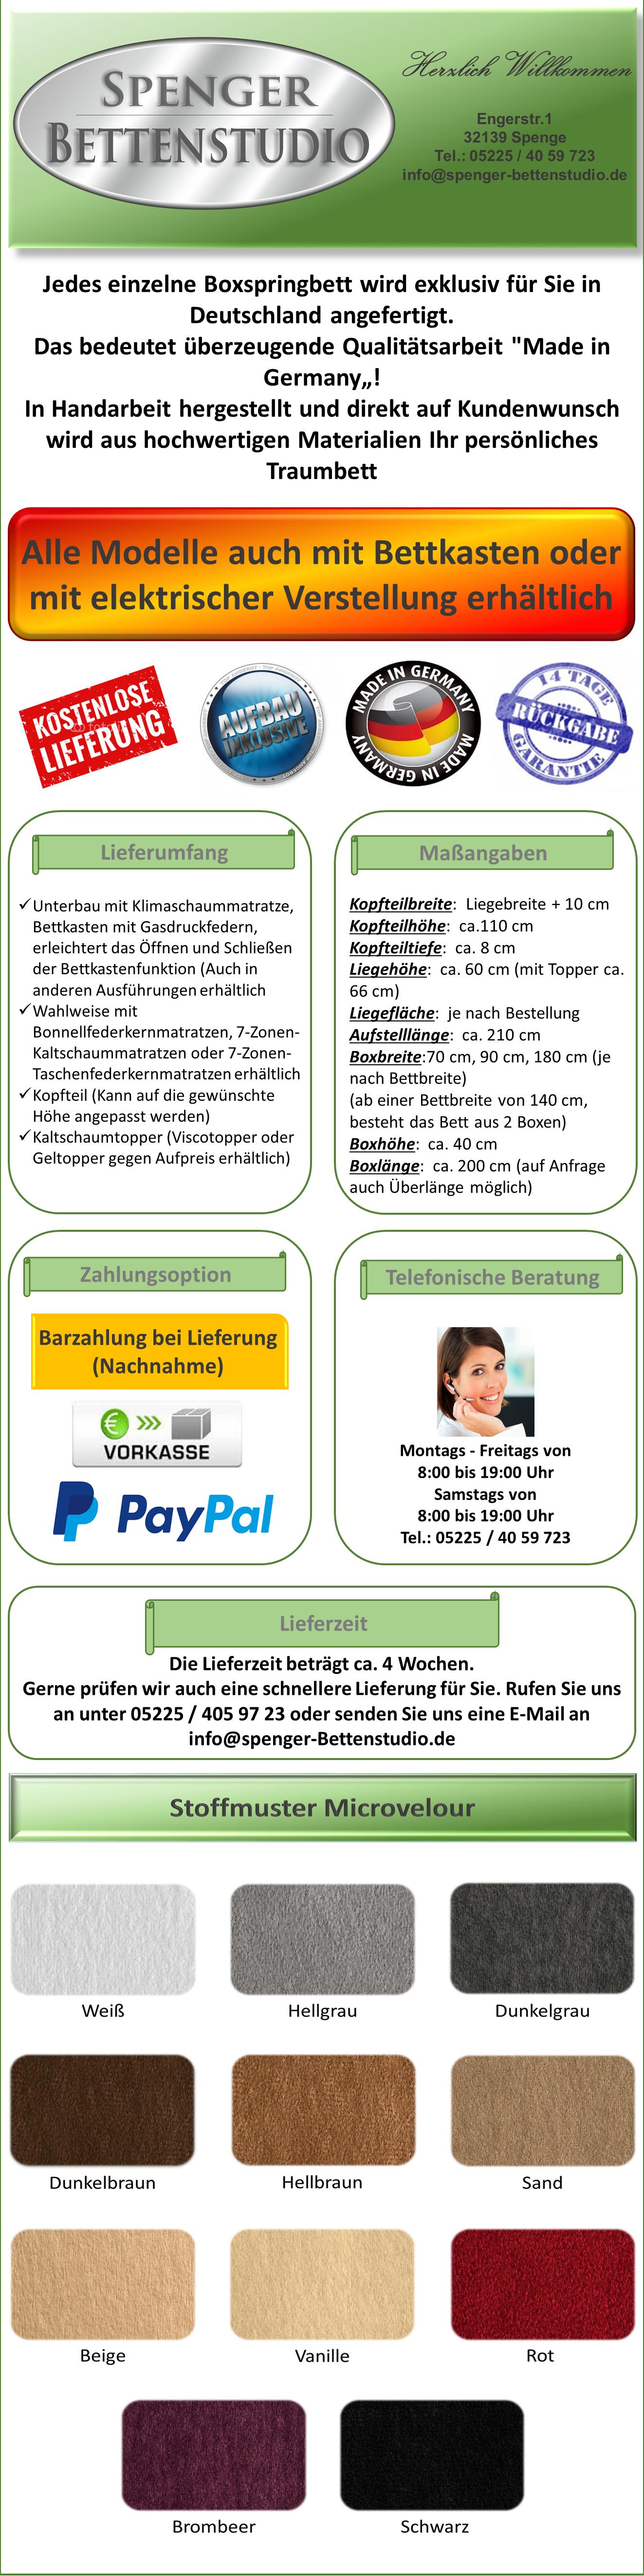 Groß Vorlage Prüfen Zeitgenössisch - Beispiel Business Lebenslauf ...